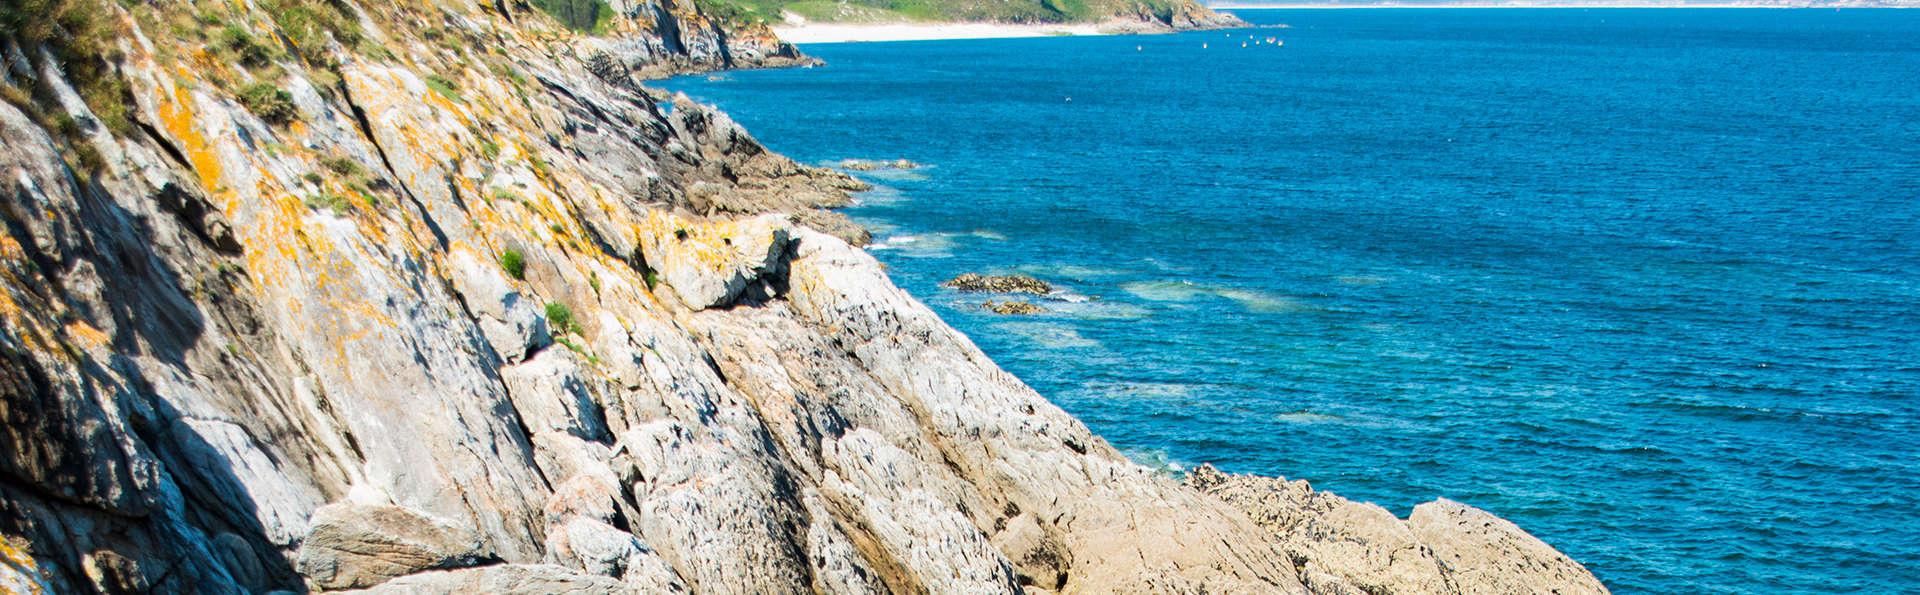 Mini-vacances de Luxe avec dîner, Spa & croisière aux Îles Cies (à partir de 3 nuits)